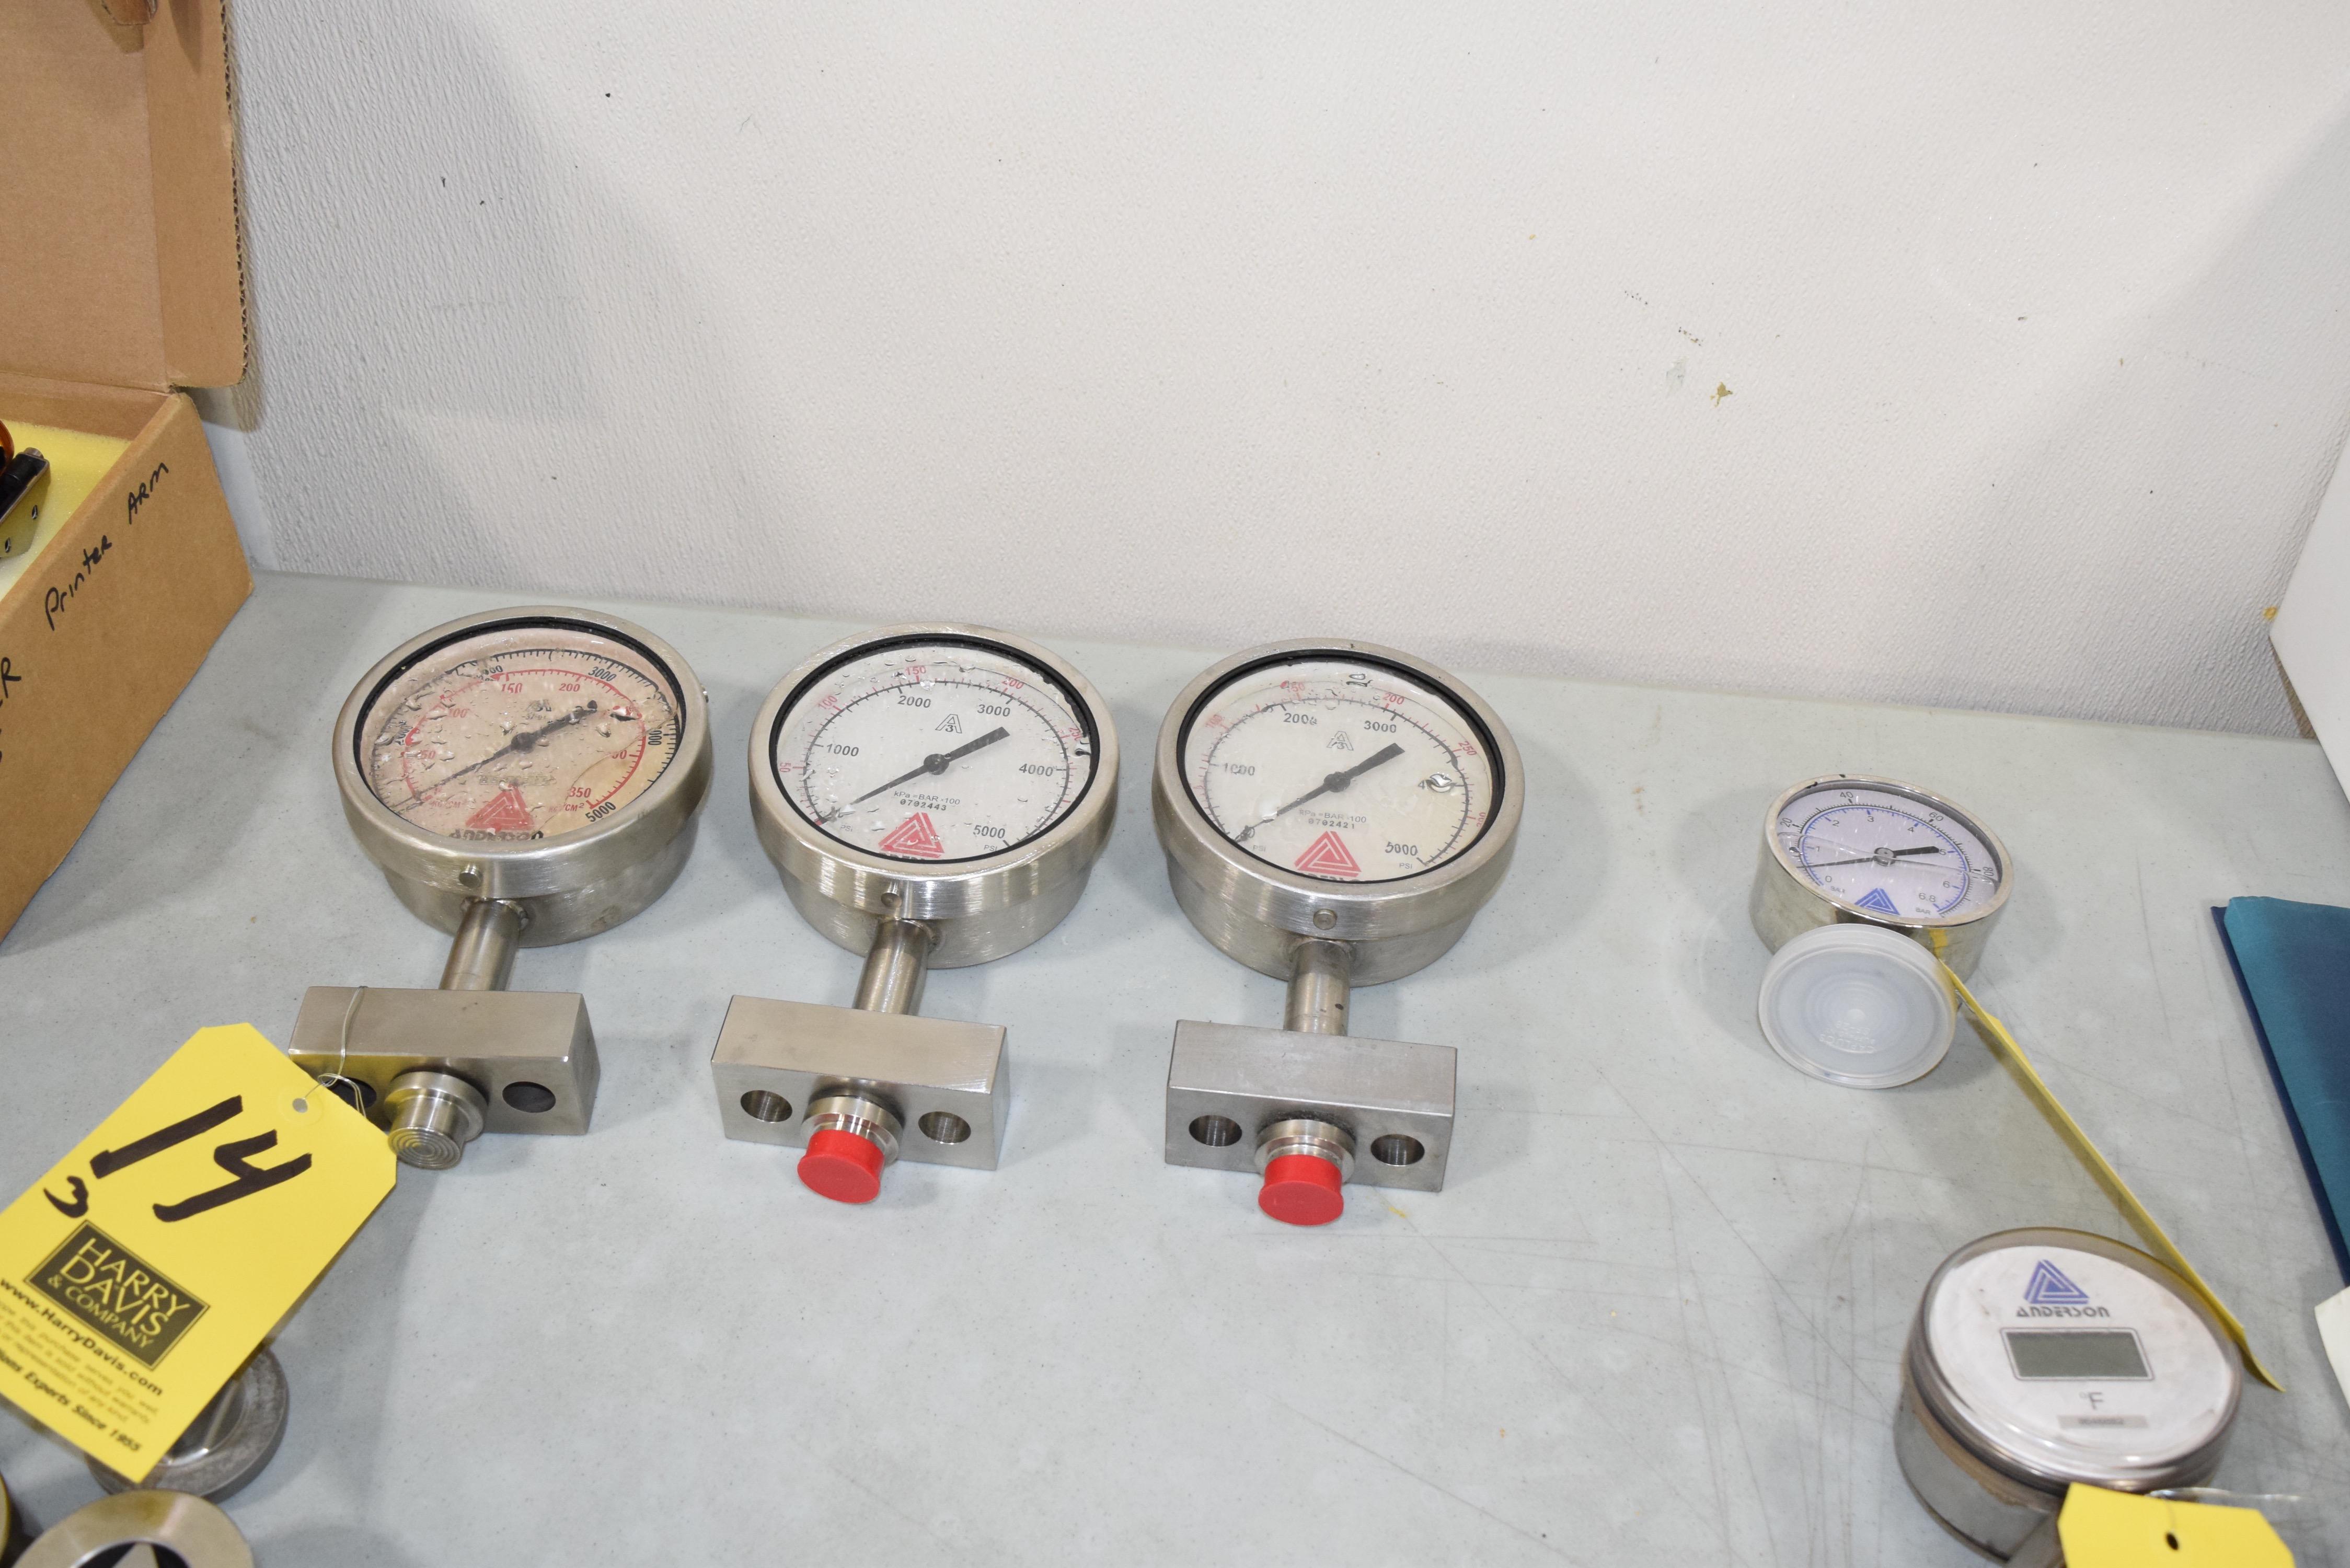 Lot 14 - (3) Anderson Homogenizer Pressure Gauges**Rigging Fee $25